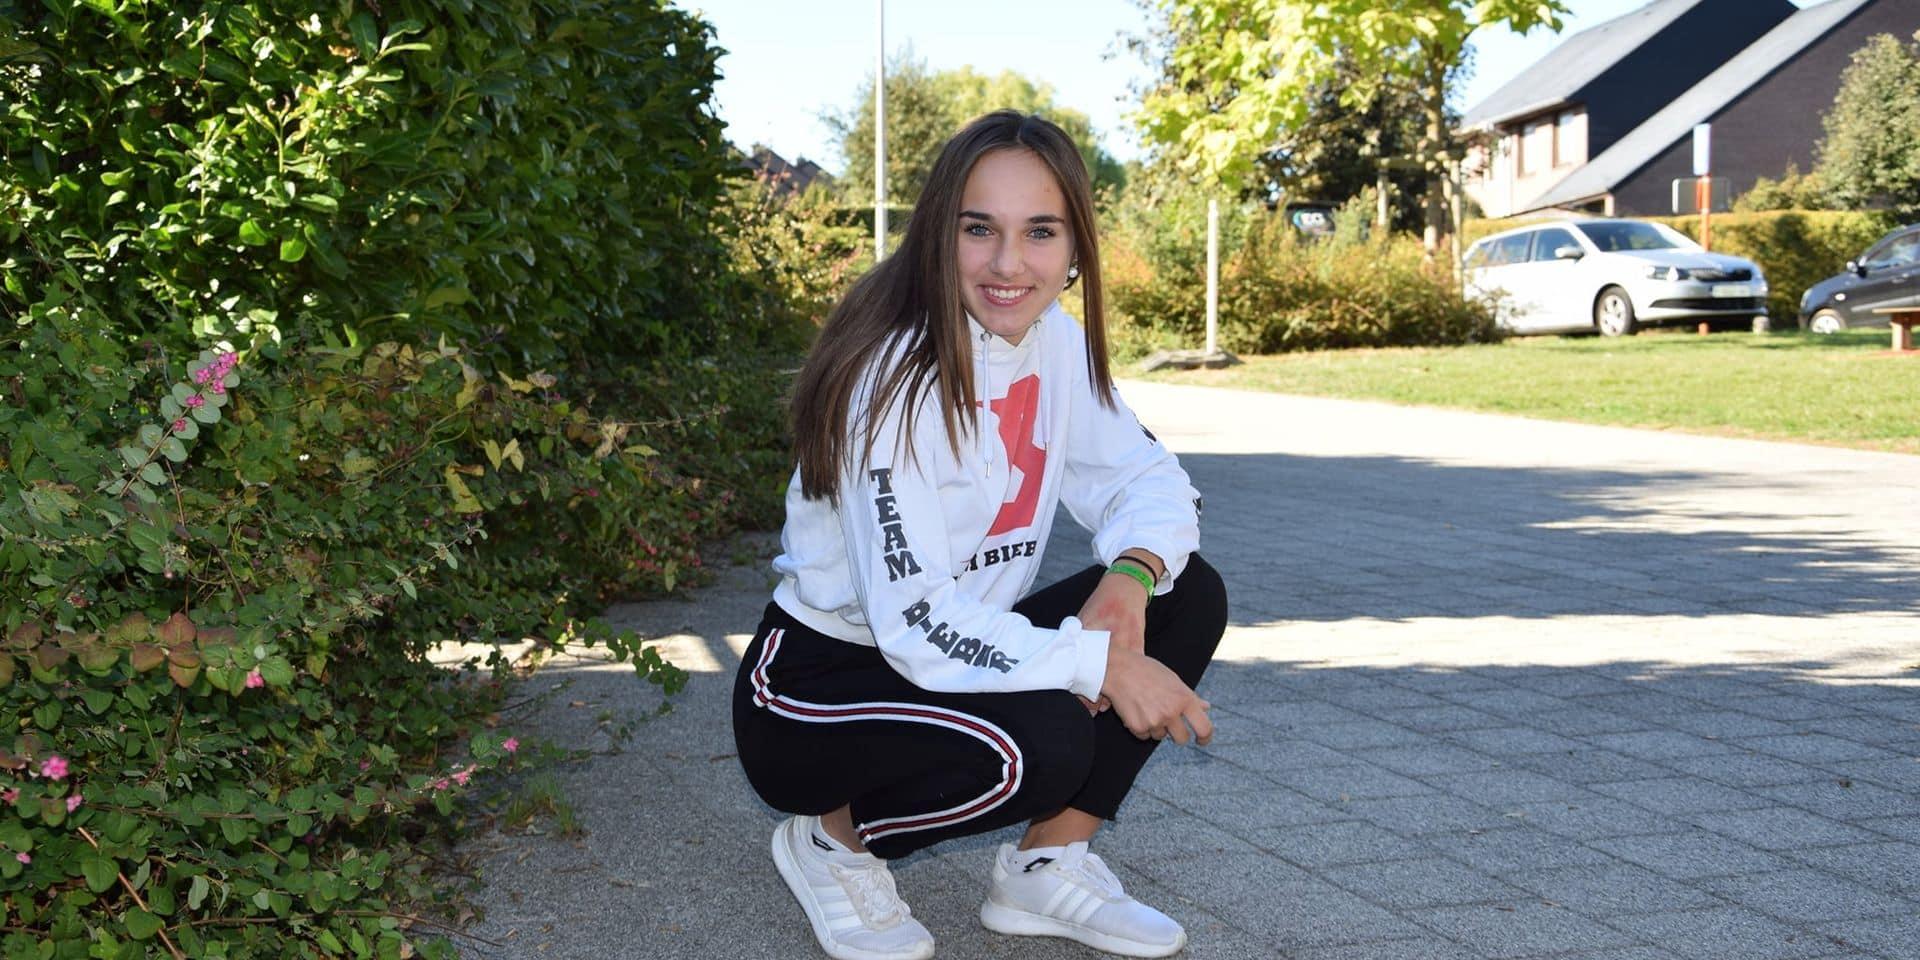 Disparition d'Océane à Bruxelles: la jeune fille a été retrouvée